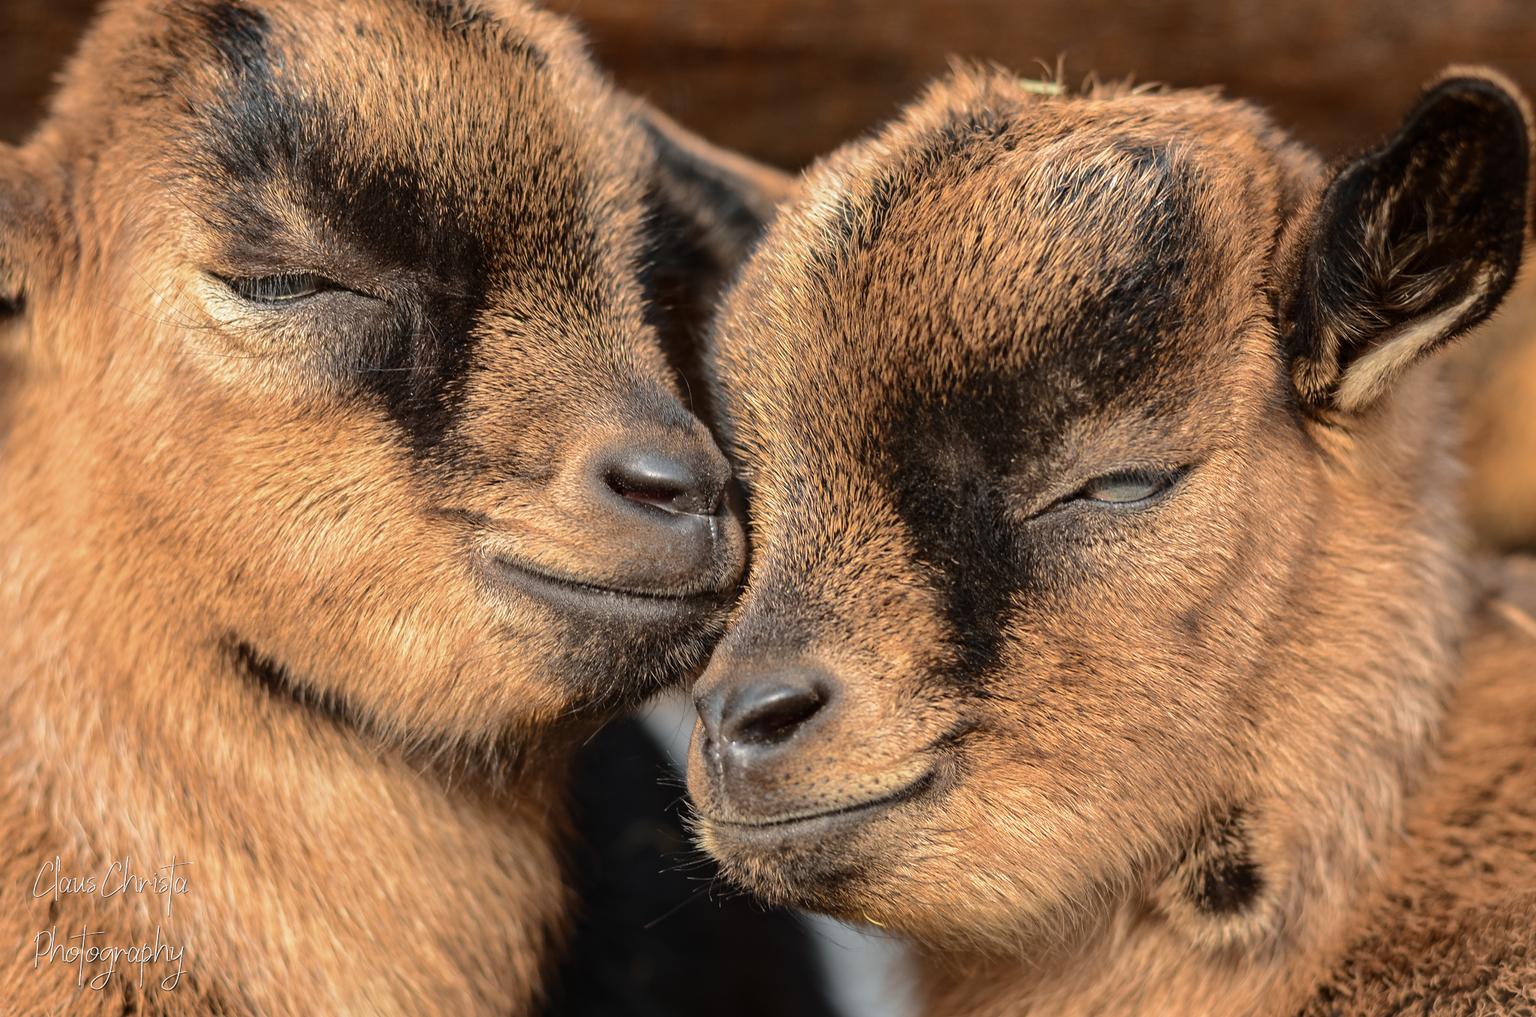 Loving twins - Kleine geitjes in de lente - foto door Christa66 op 12-04-2021 - deze foto bevat: geit, jonge geitjes, dier, dierenpark, pairi daiza, hoofd, carnivoor, felidae, bakkebaarden, fawn, aanpassing, terrestrische dieren, detailopname, grote katten, vacht